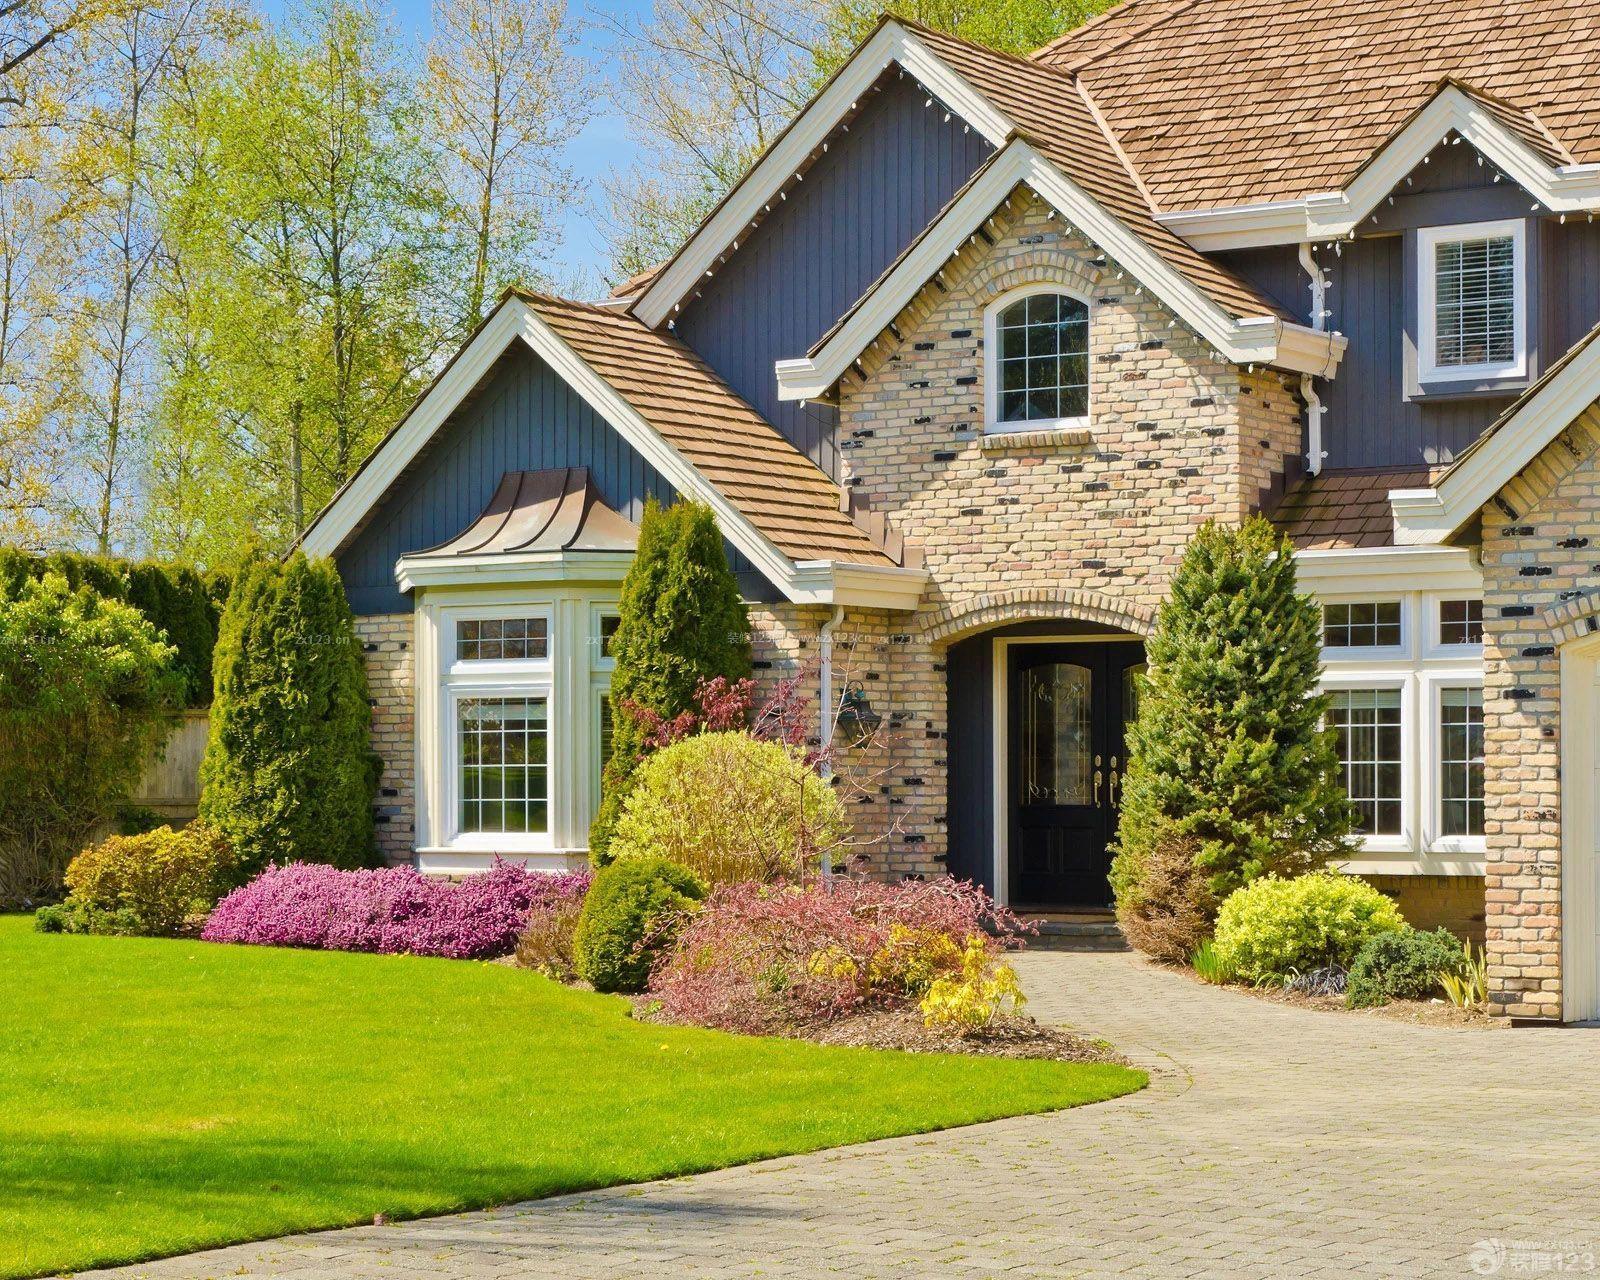 小美式二层别墅农村小风格v二层效果图_装修1120别墅设计图平米二层图片